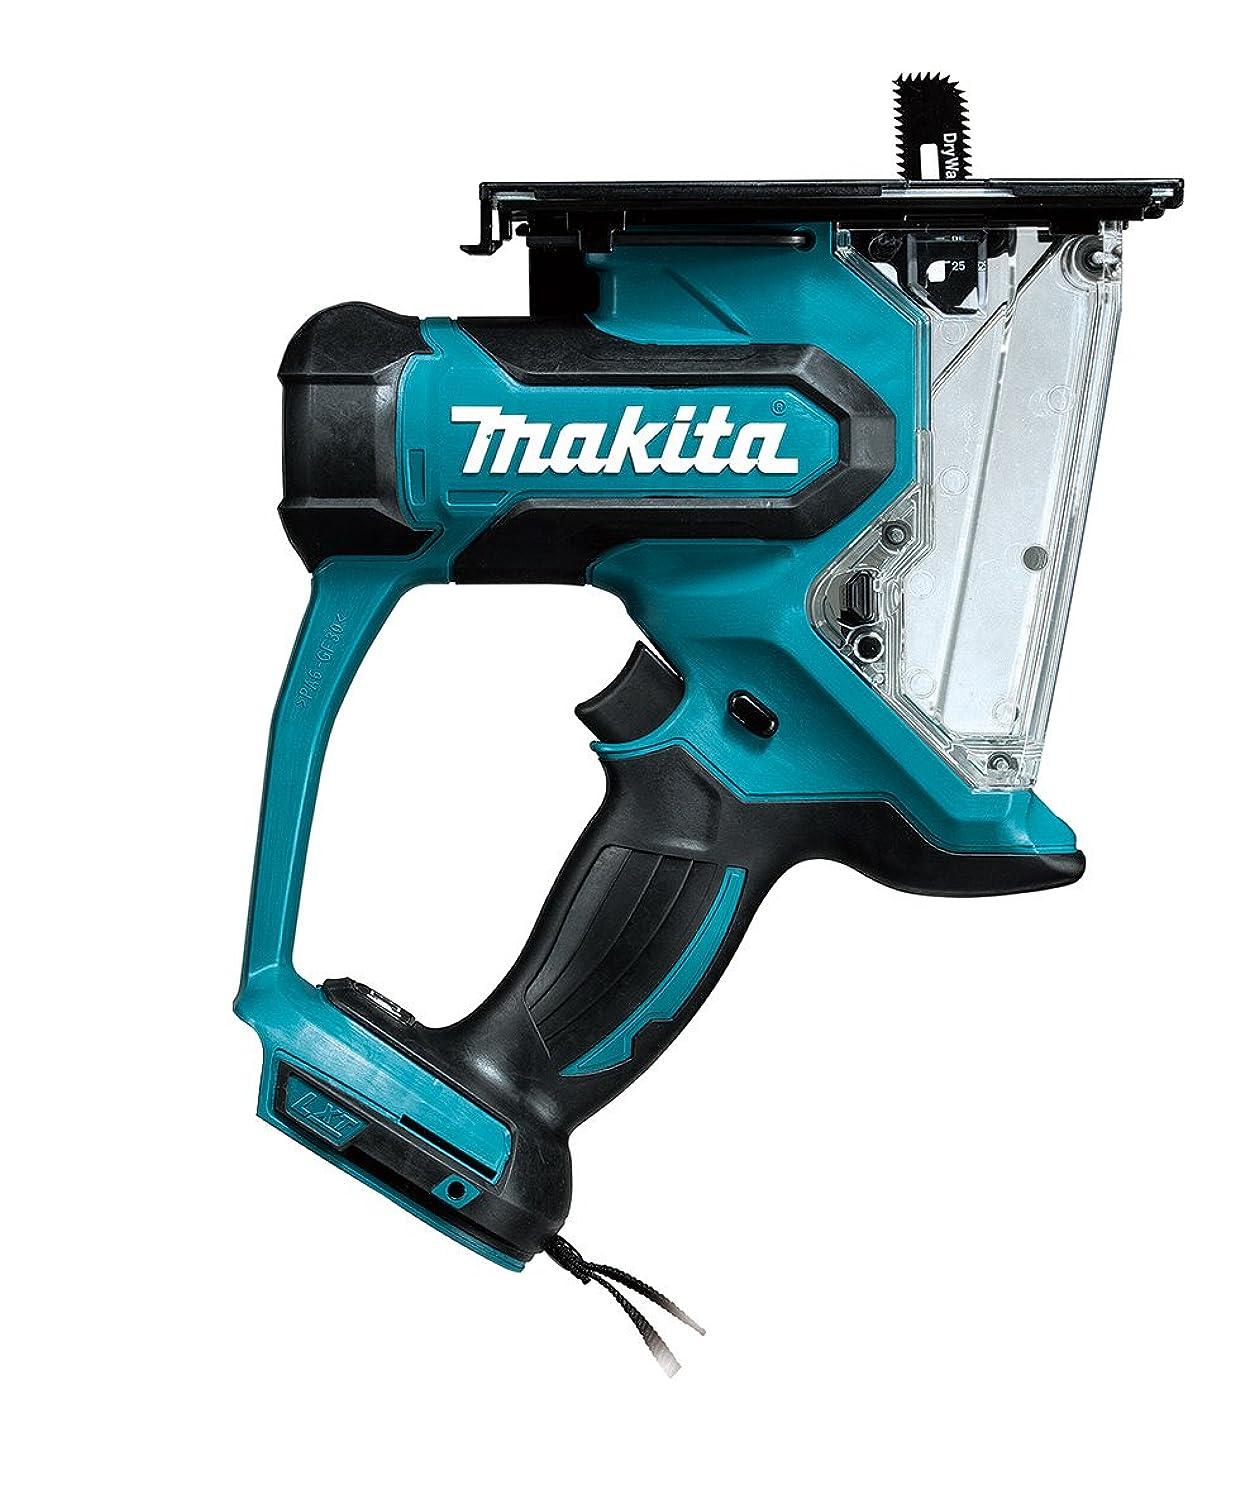 マキタ(Makita)  充電式ボードカッタ 18V (本体のみ) SD180DZ